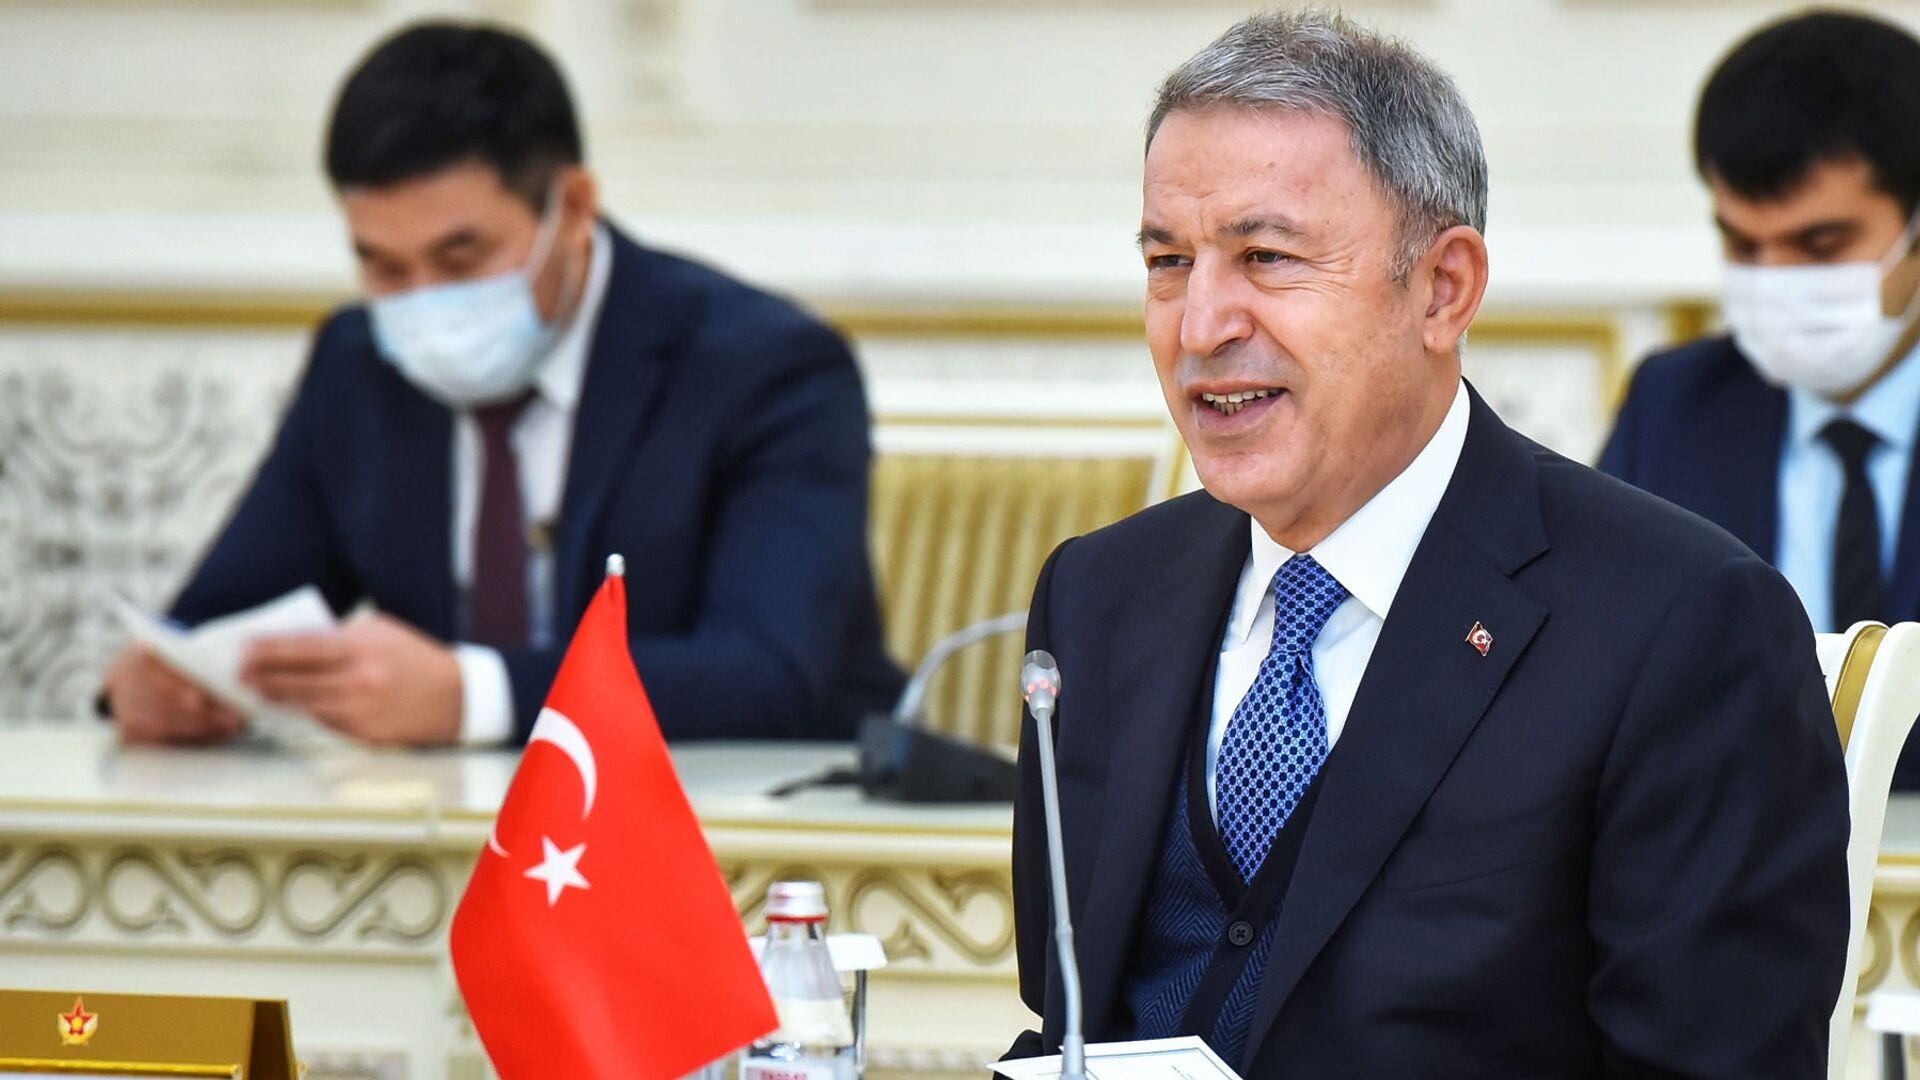 Министр обороны Турции Х. Акар прибыл с визитом в Казахстан - Sputnik Армения, 1920, 14.10.2021